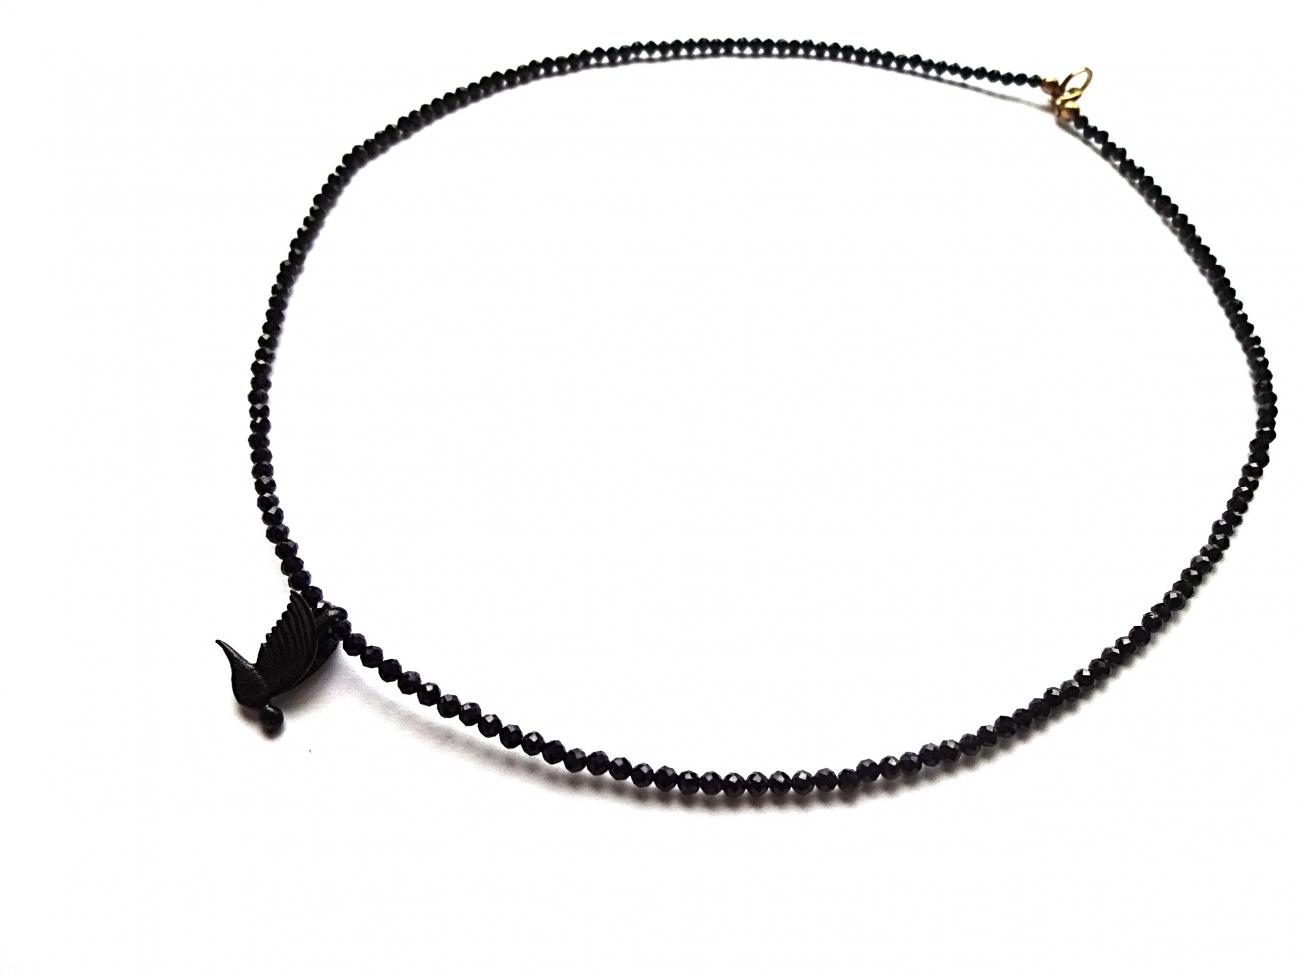 Špinelio vėrinys su juodu oksiduoto žalvario paukšteliu